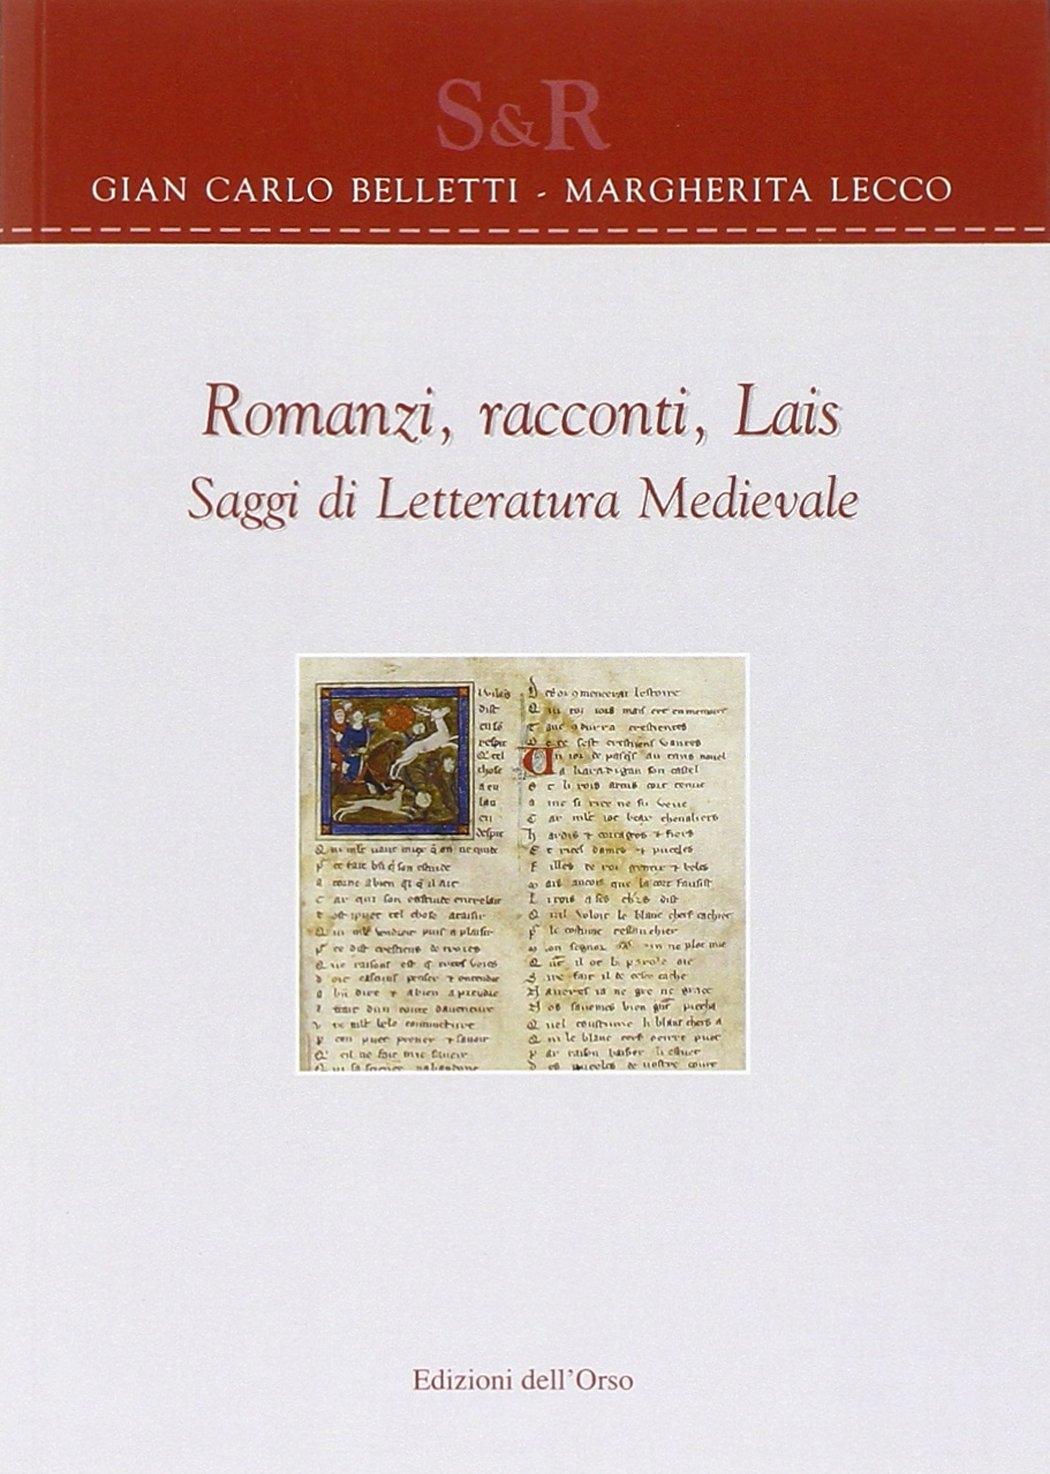 Romanzi, racconti, lais. Saggi di letteratura medievale.